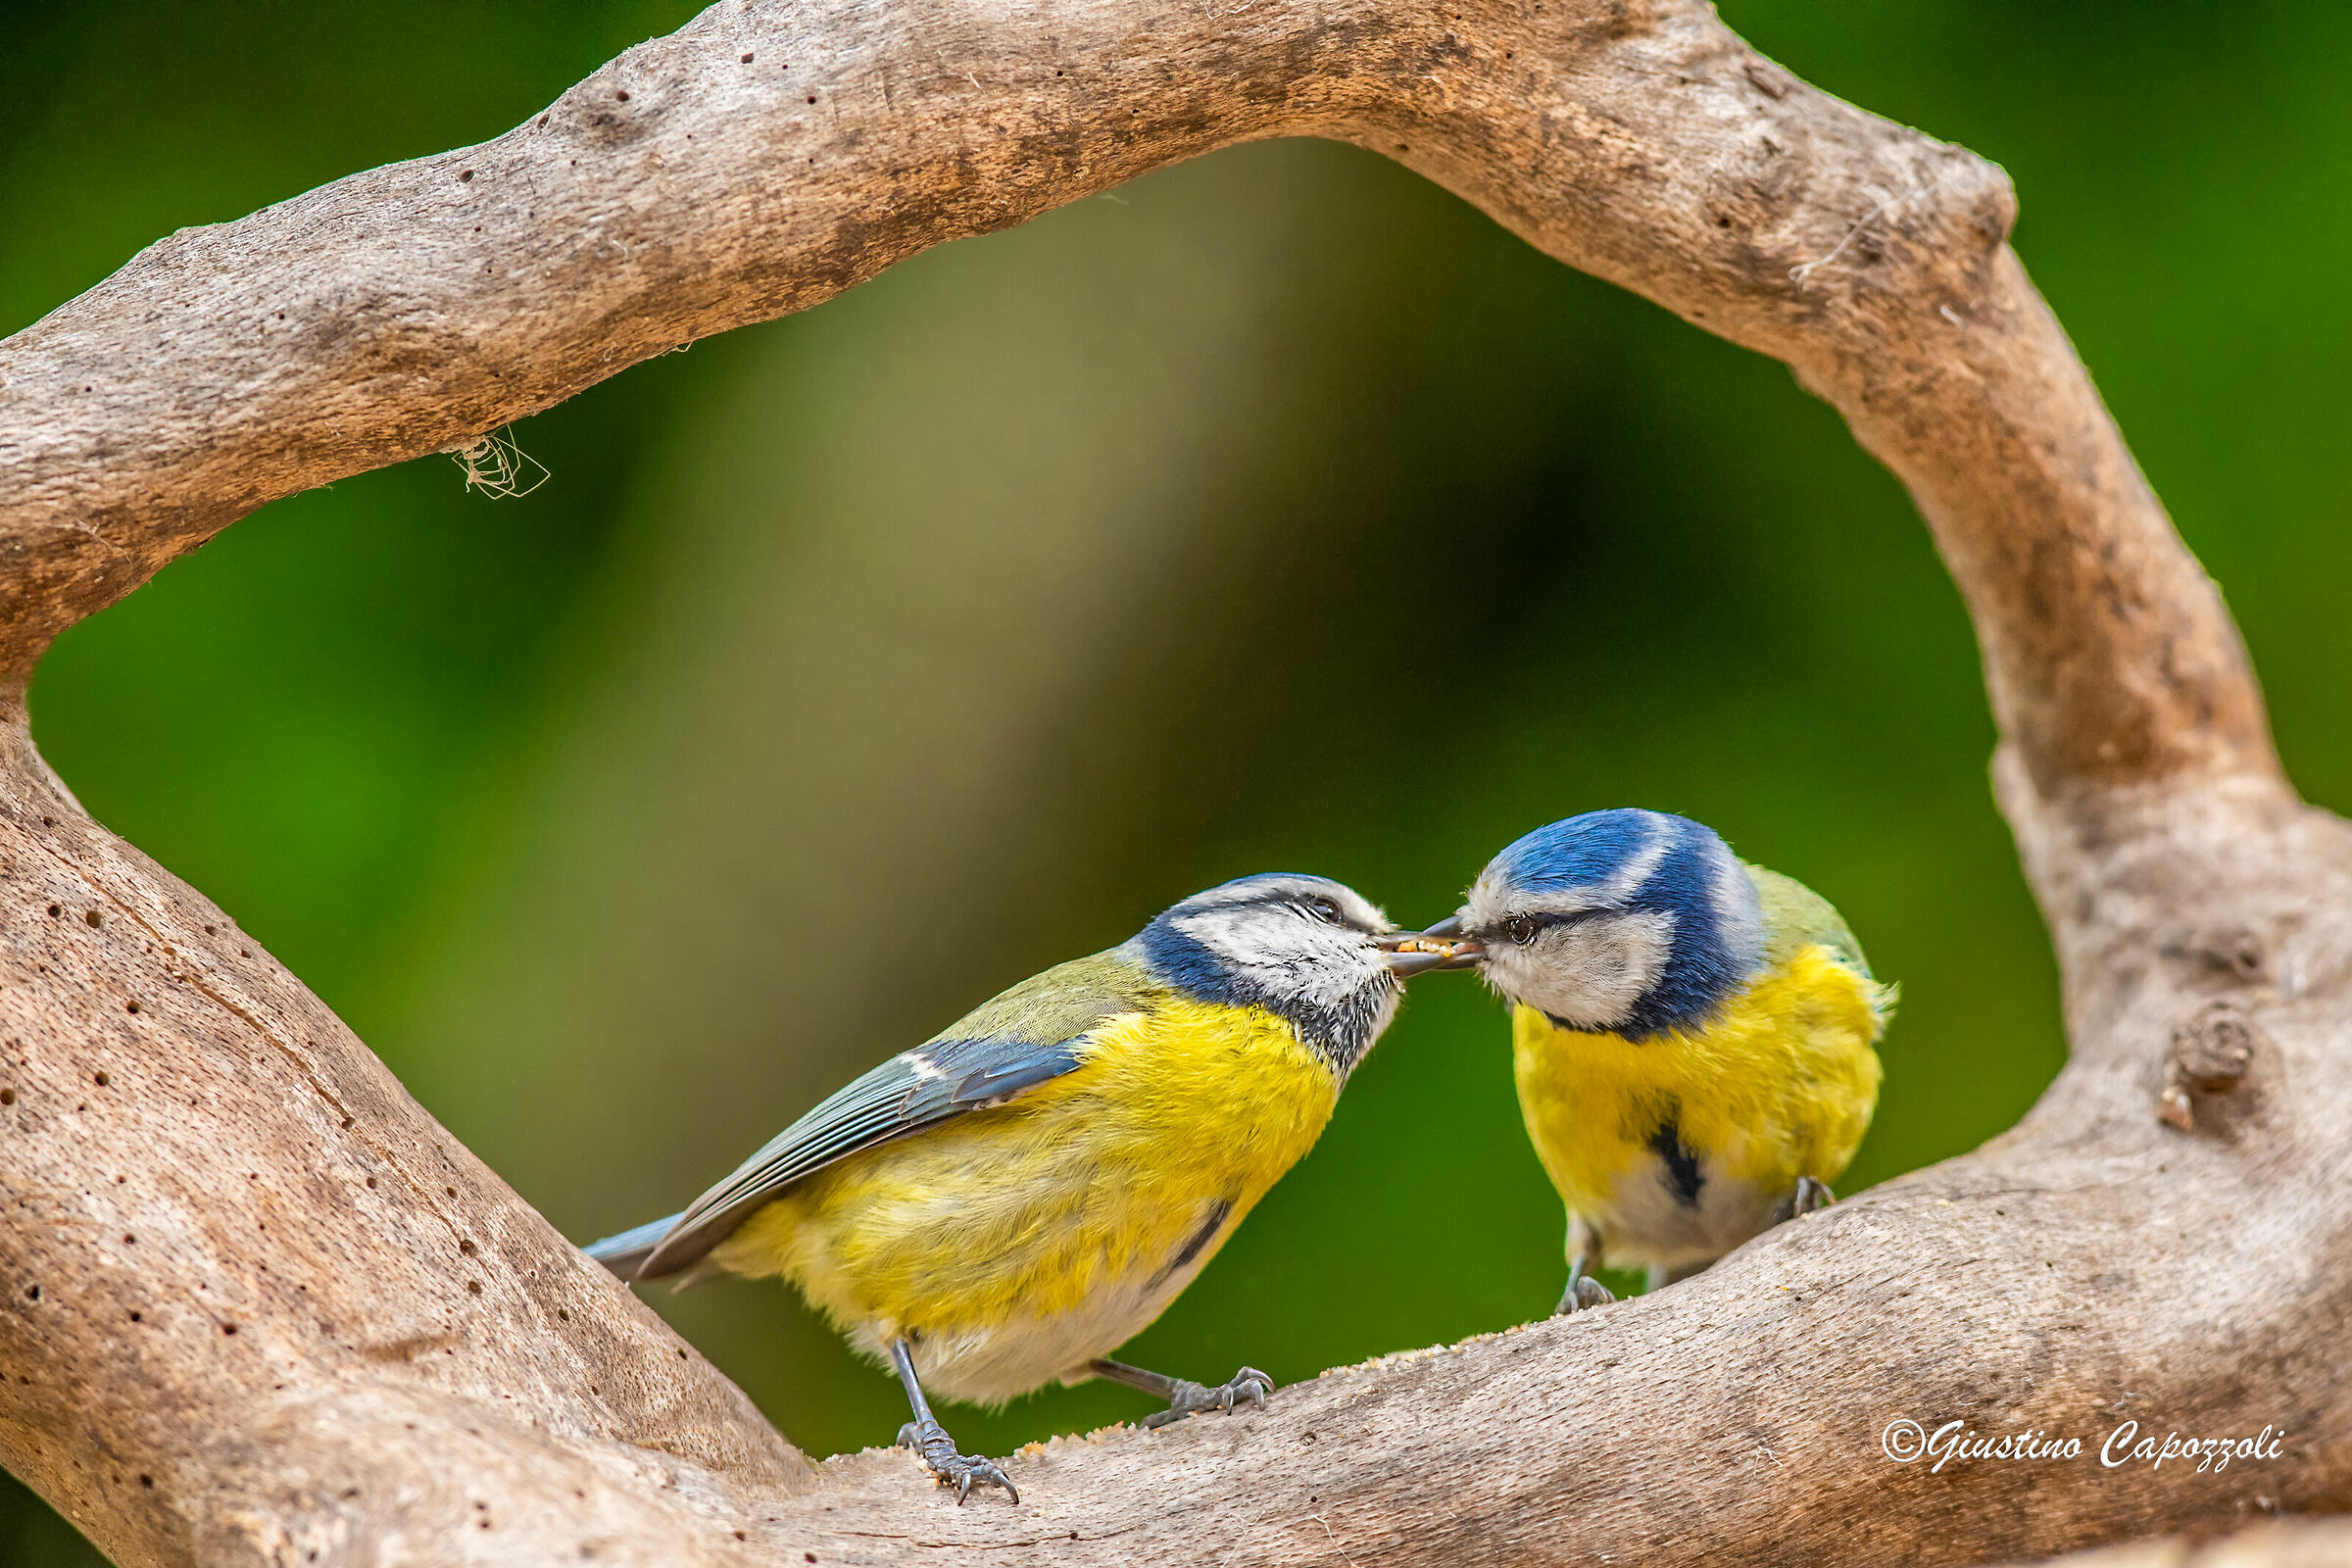 Courtship...